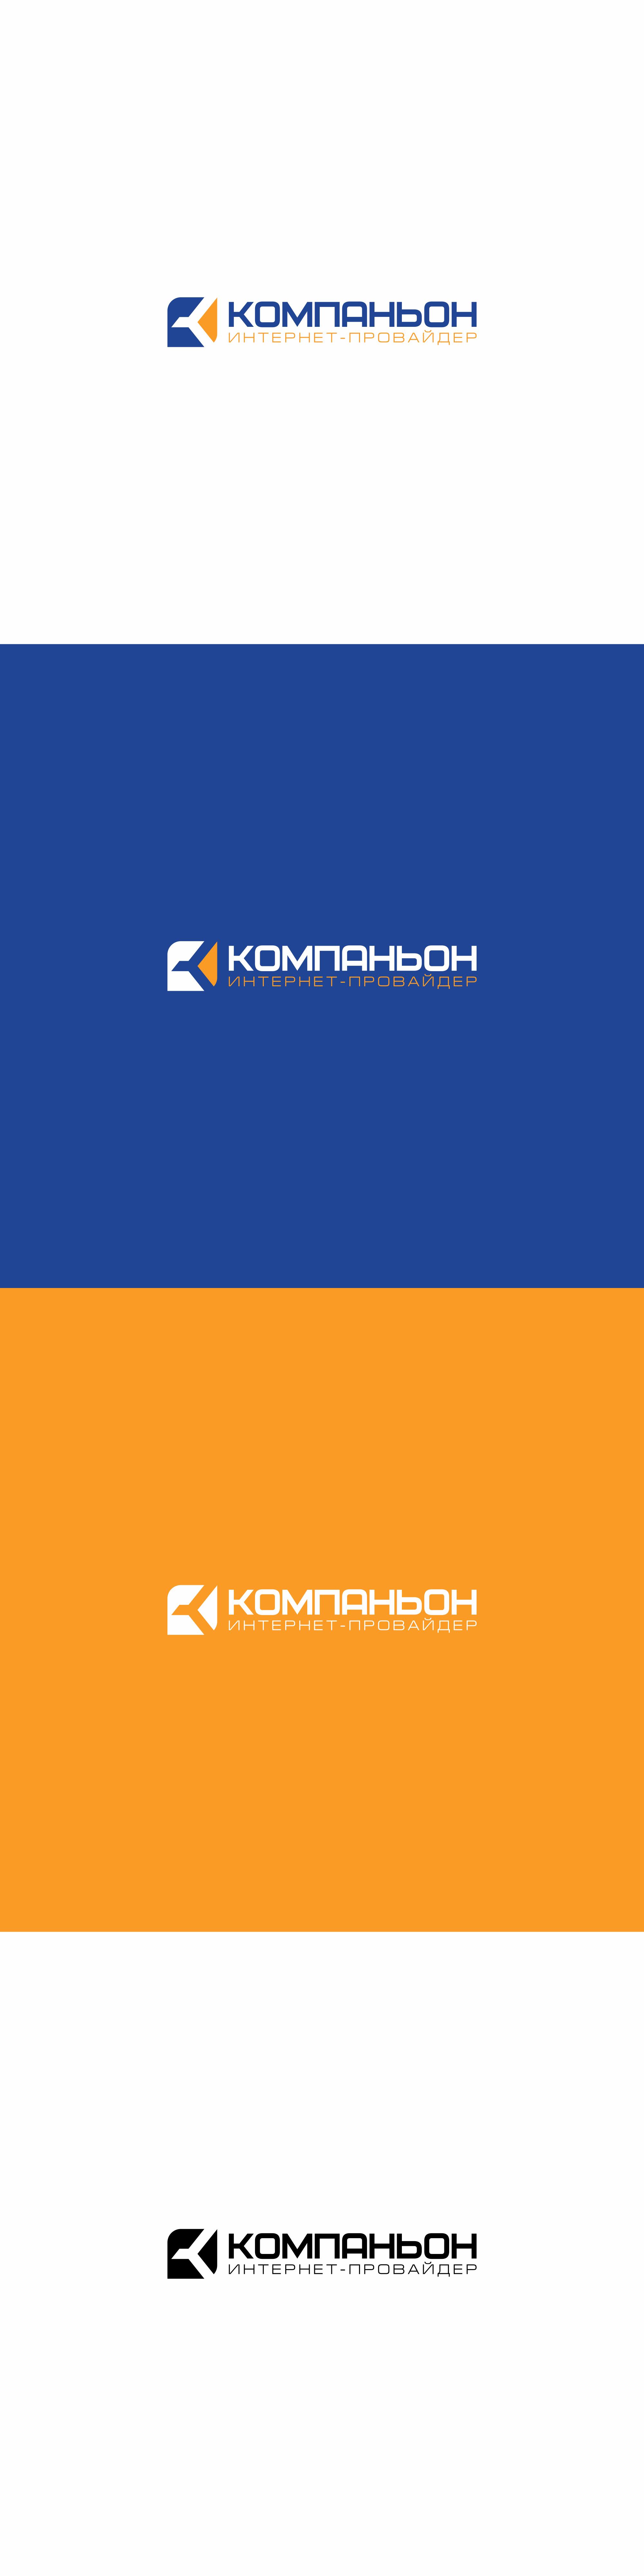 Логотип компании фото f_8745b8428d87df24.jpg